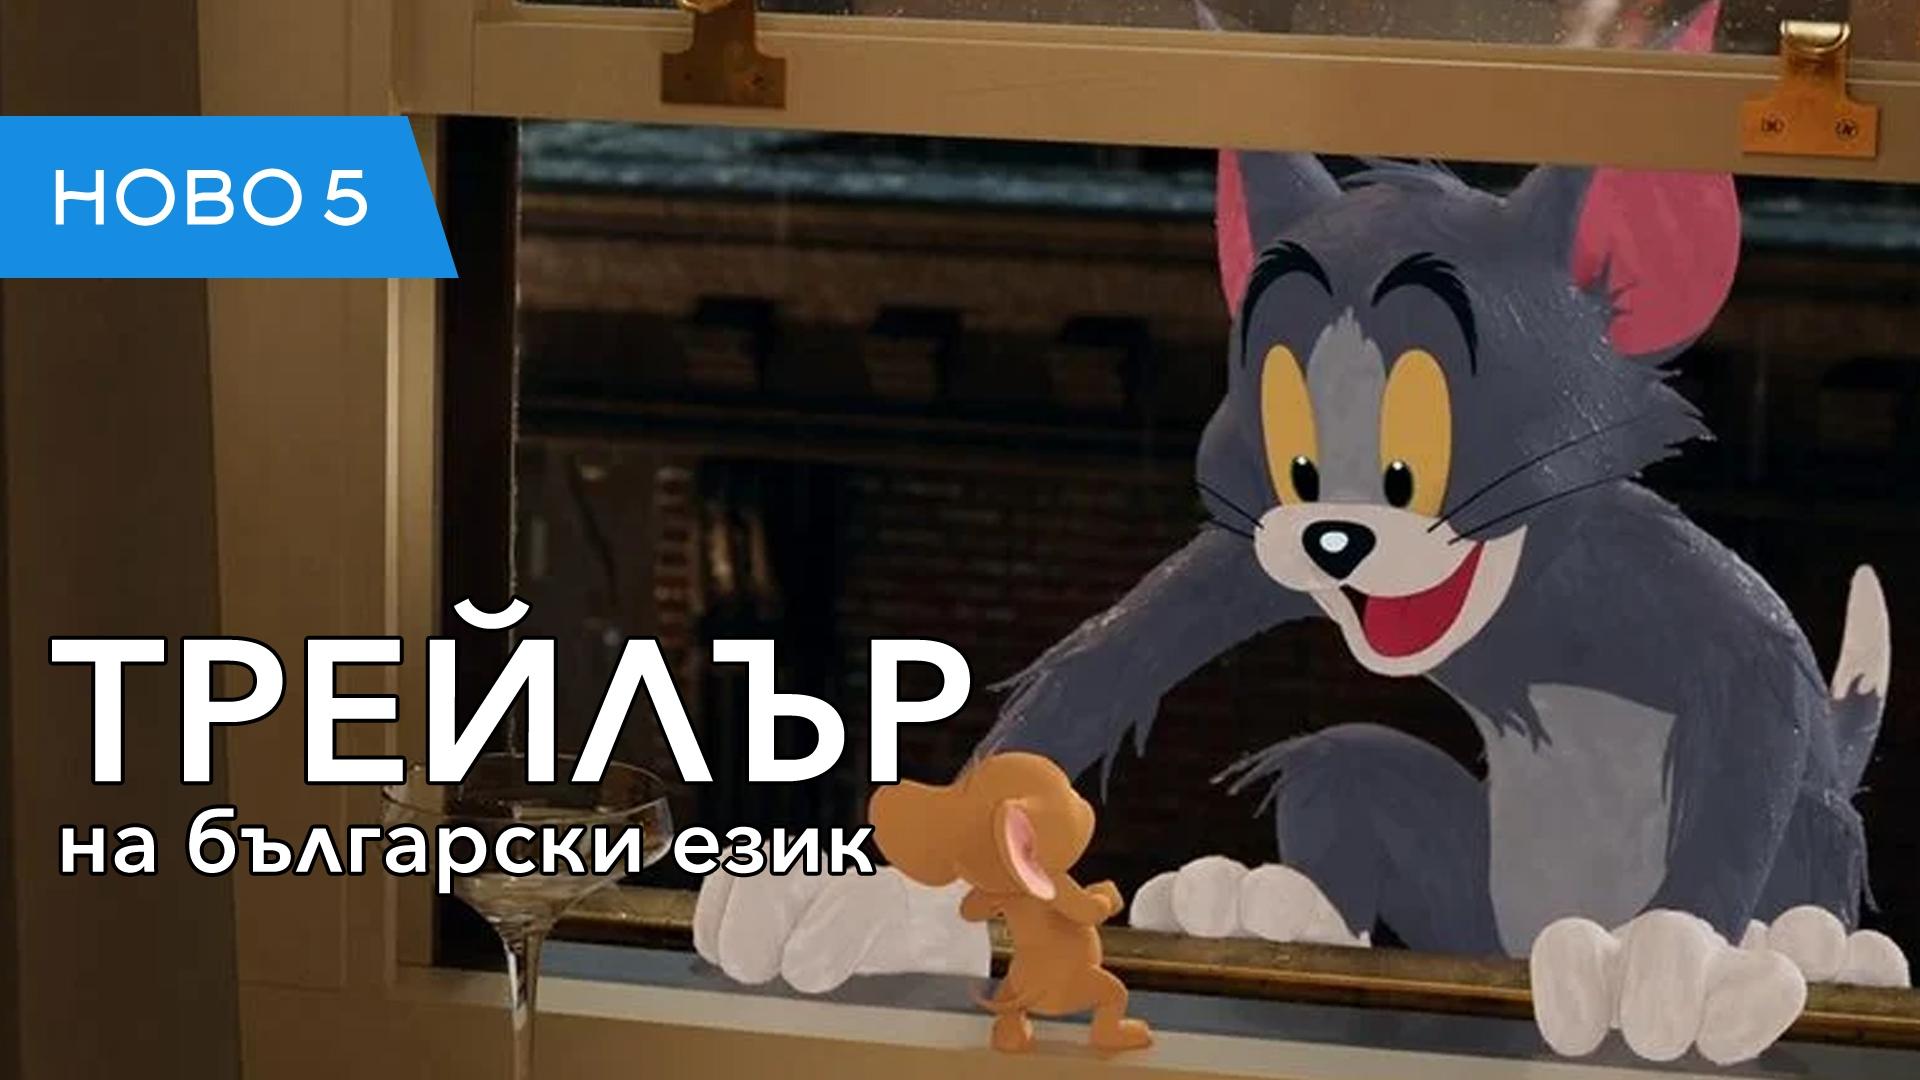 Том и Джери  (2021) трейлър на български език